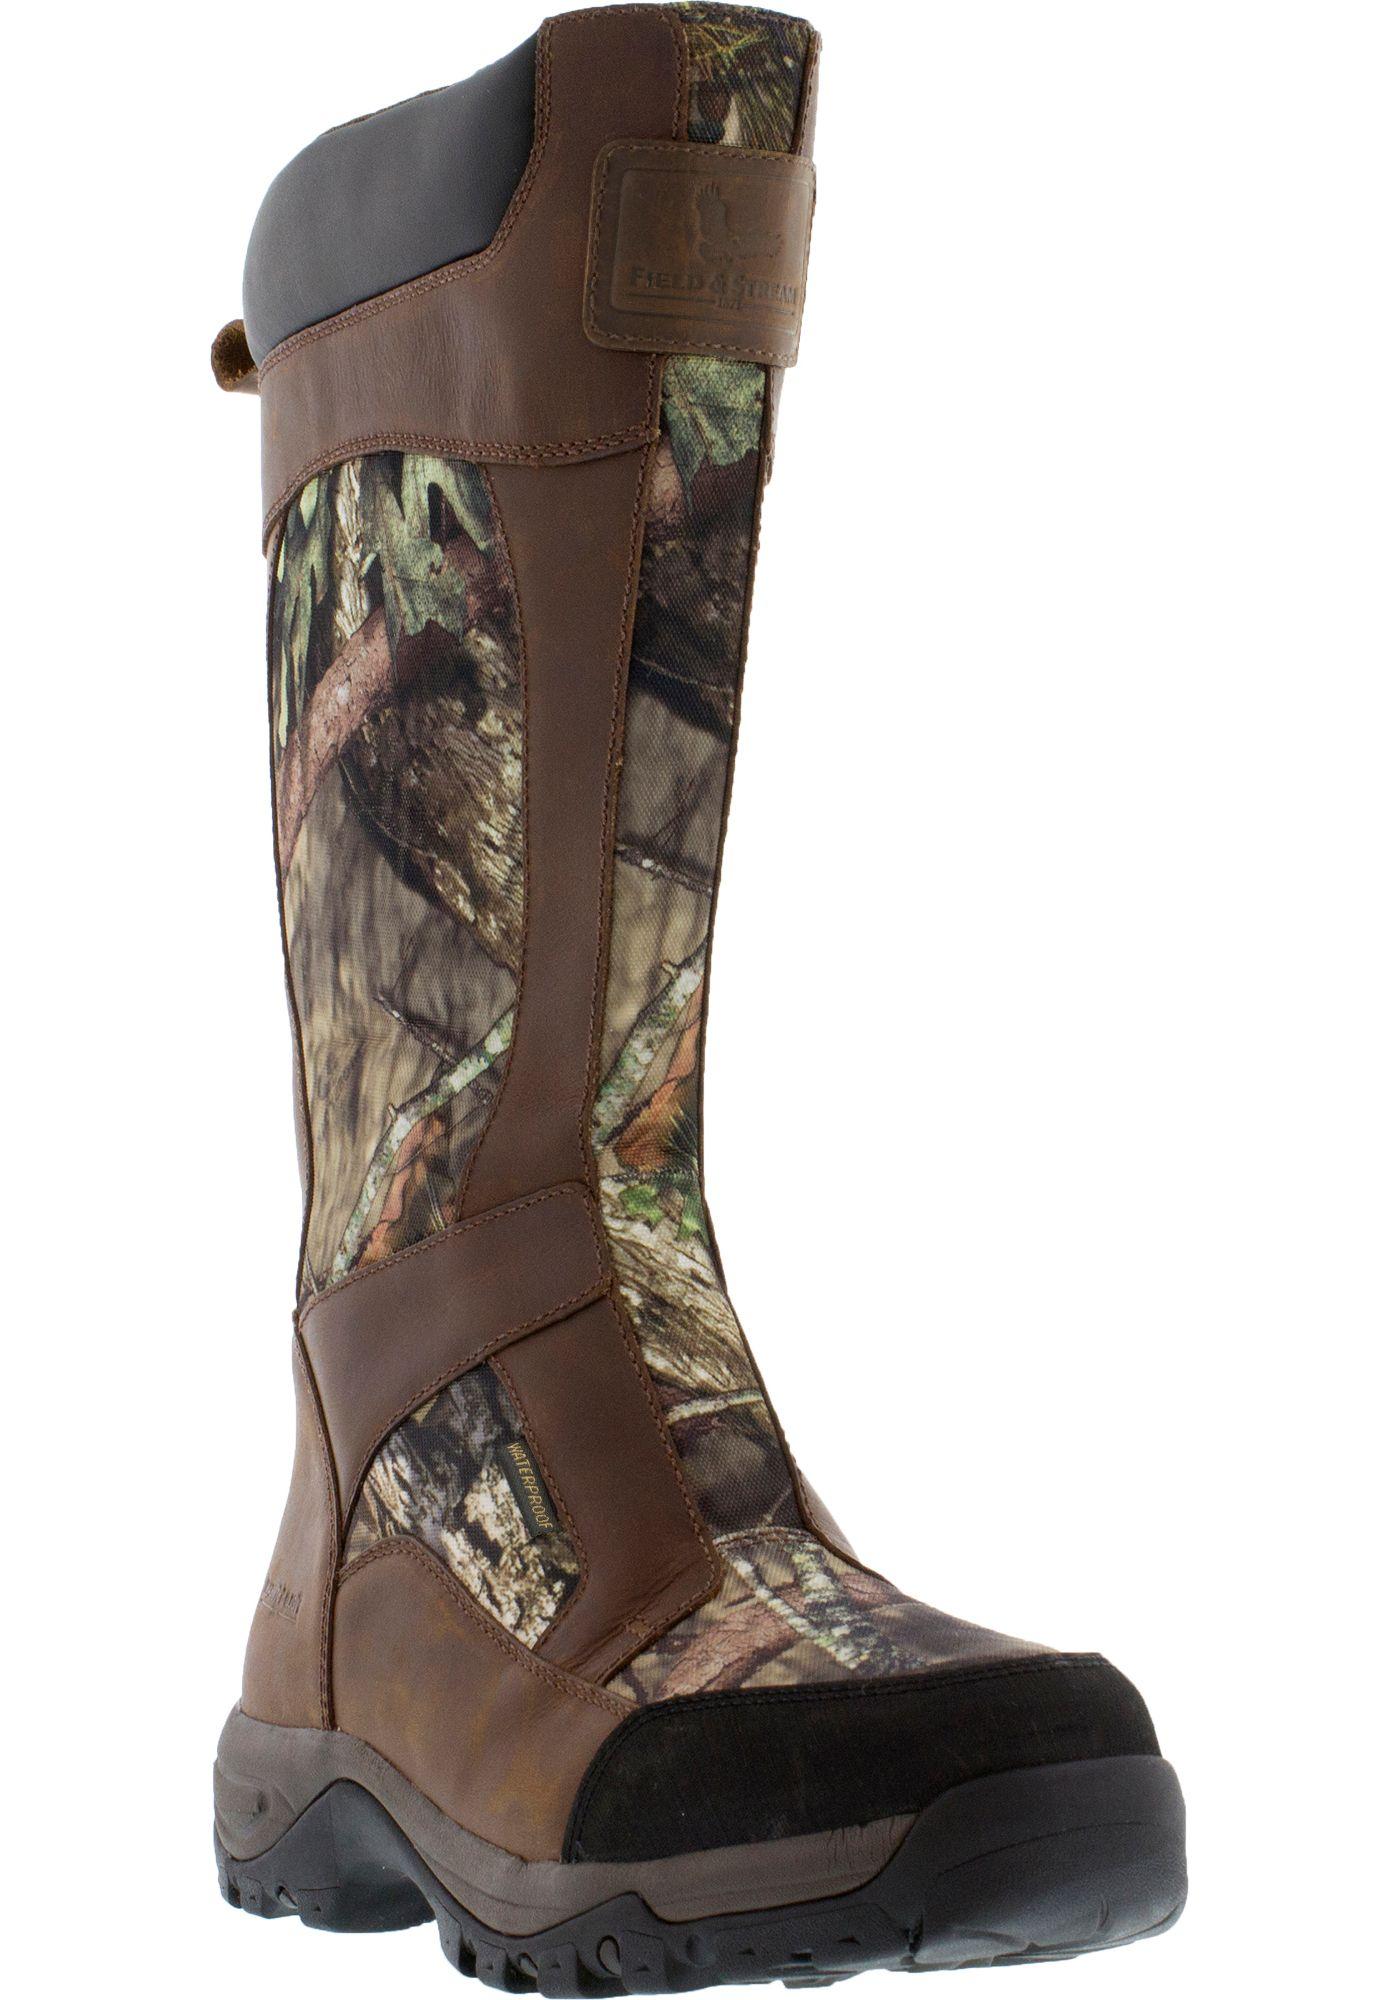 Field & Stream Men's Side-Zip Snake Boots